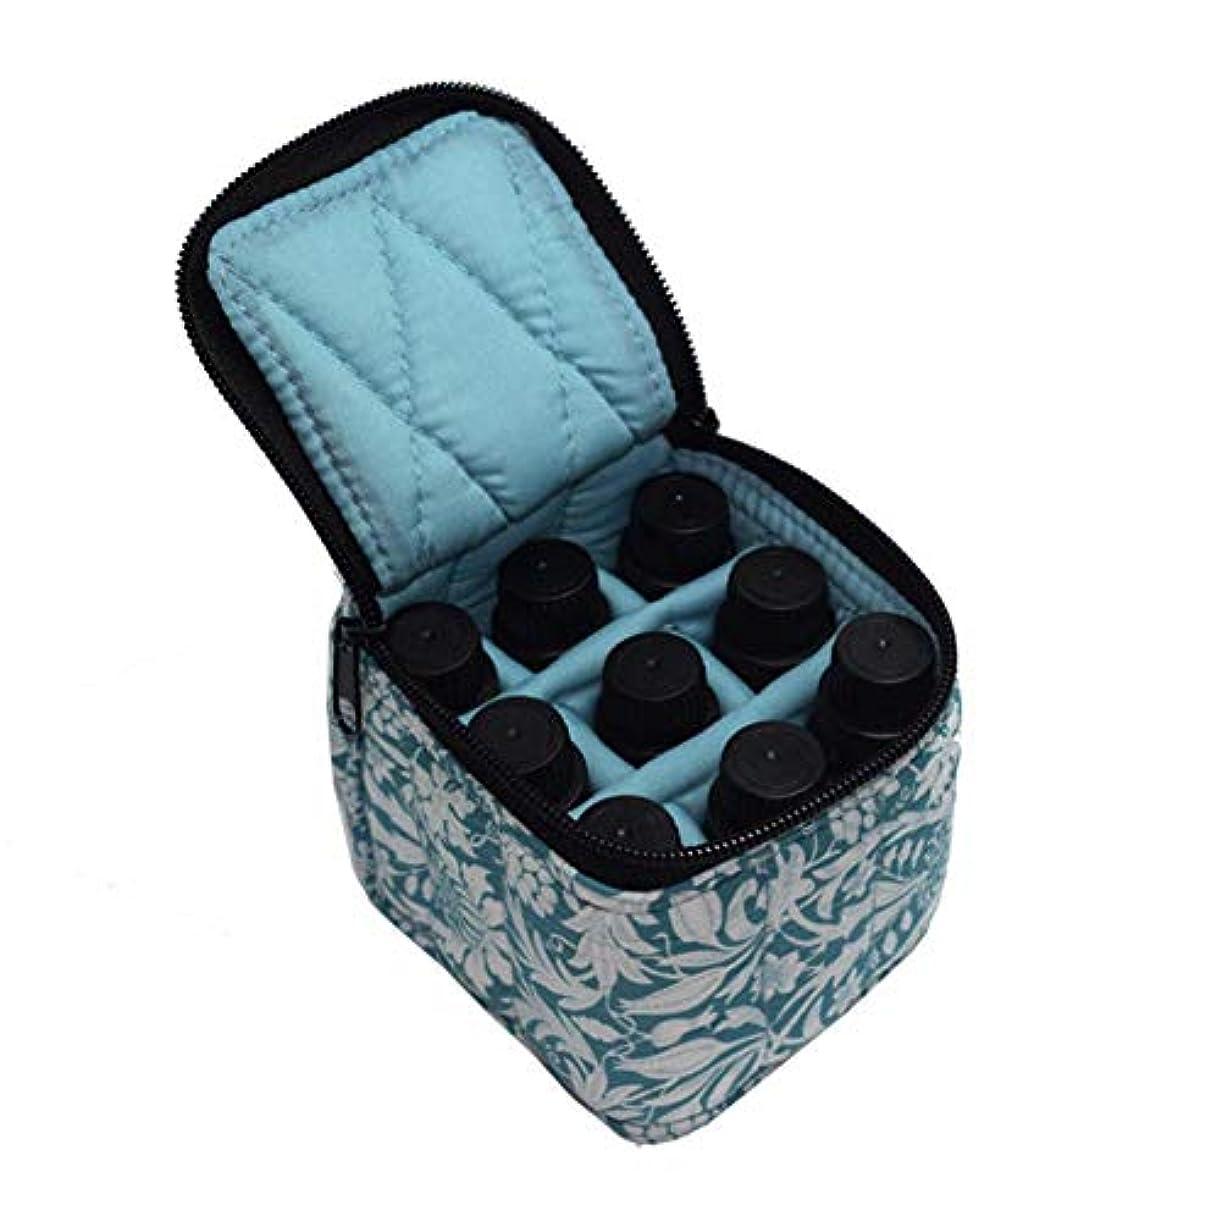 シーサイドベンチその間Pursue エッセンシャルオイル収納ケース アロマオイル収納ボックス アロマポーチ収納ケース 耐震 携帯便利 香水収納ポーチ 化粧ポーチ 9本用